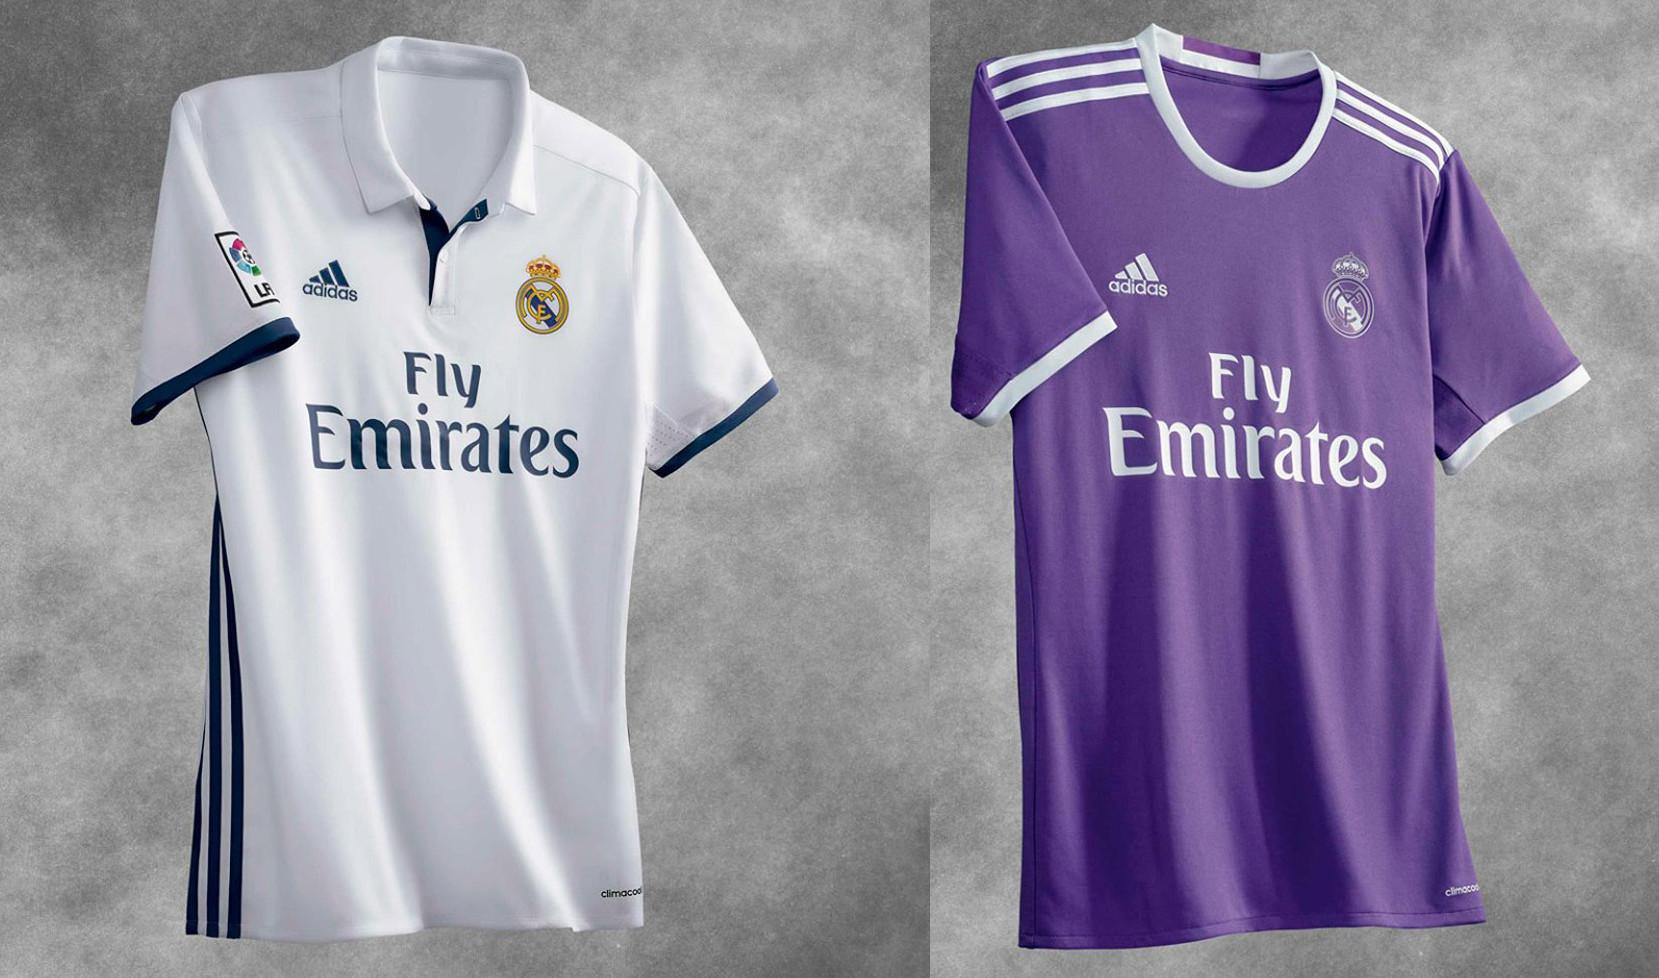 FOTOS  El nuevo uniforme del Real Madrid - Hoy 1789274f57af8